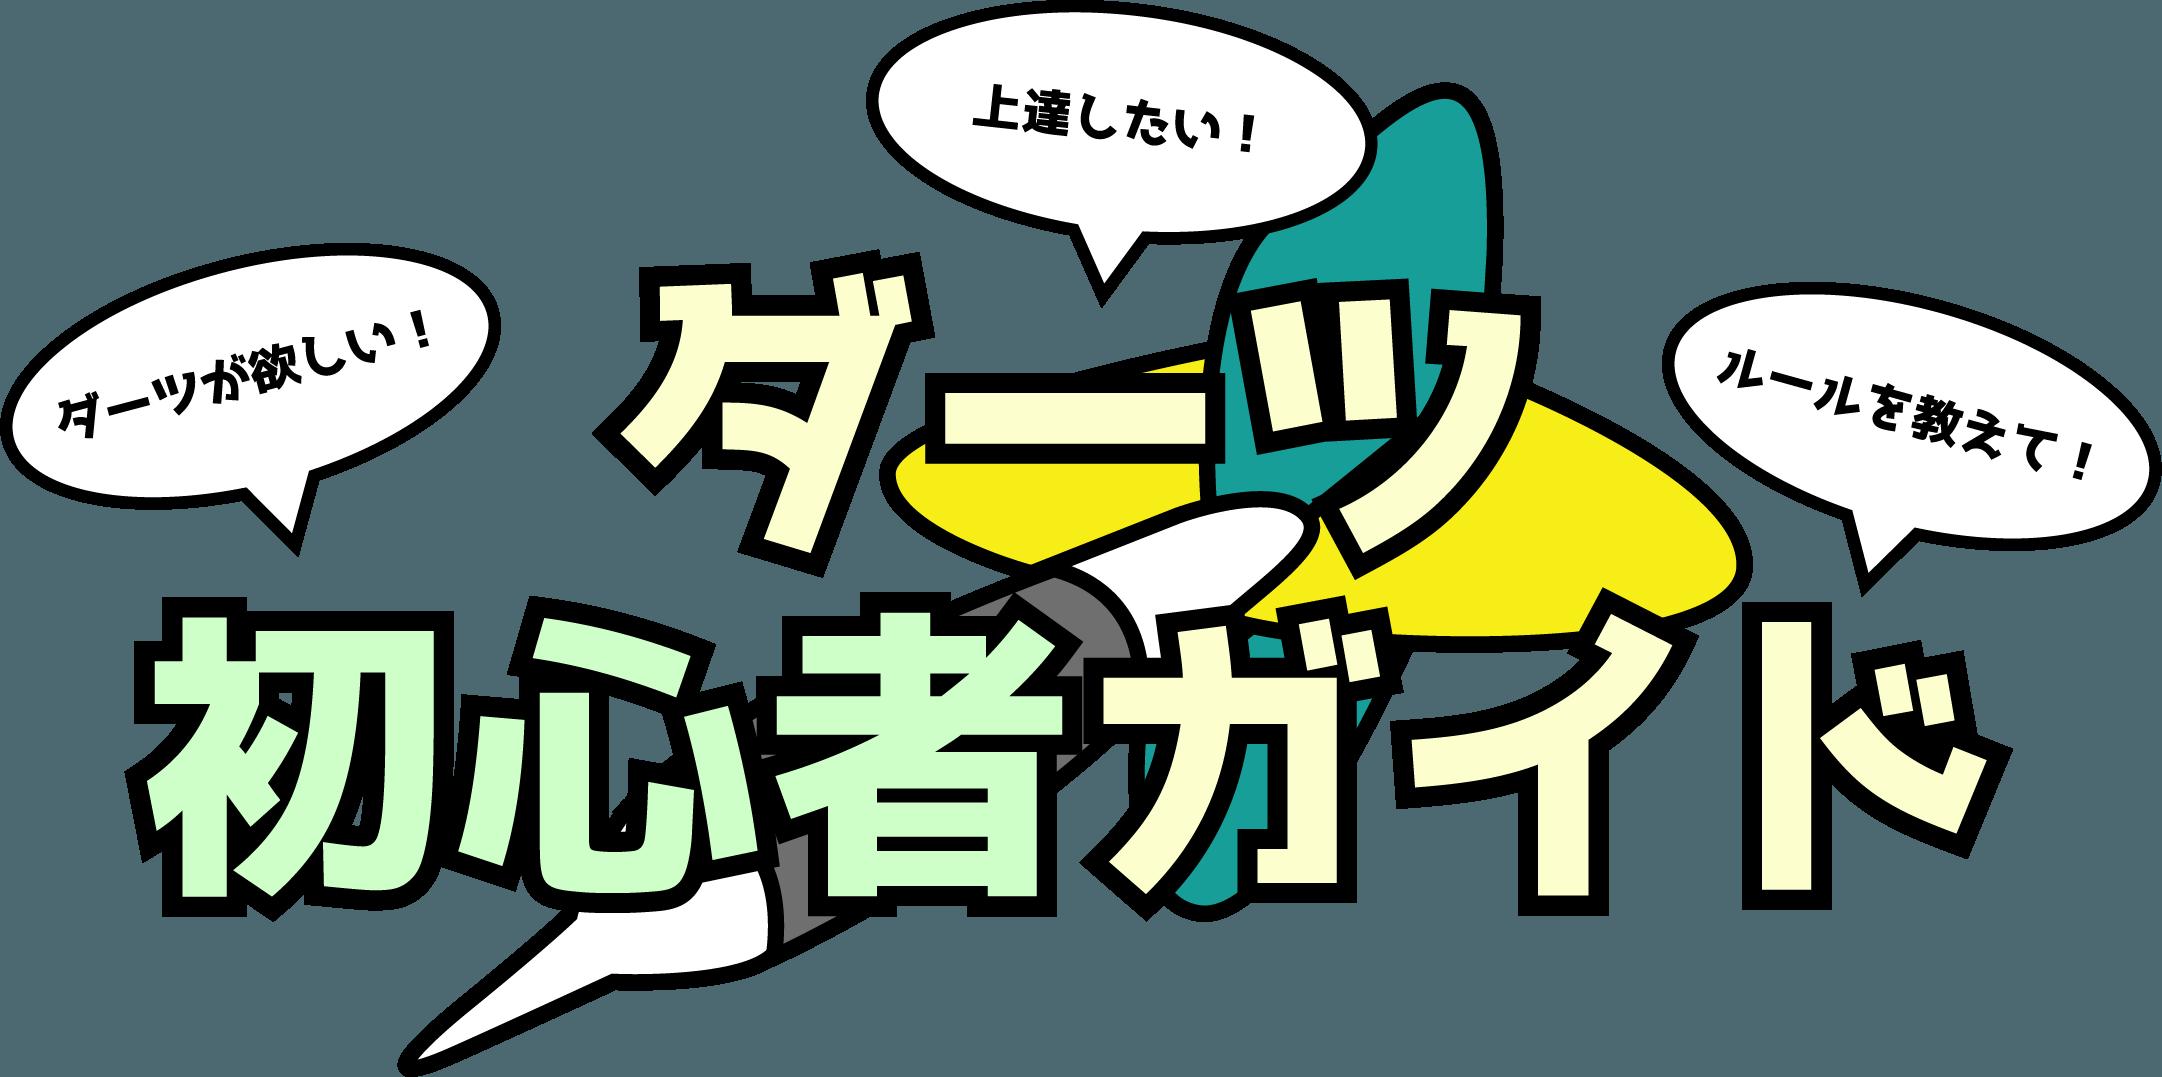 ダーツ初心者ガイド